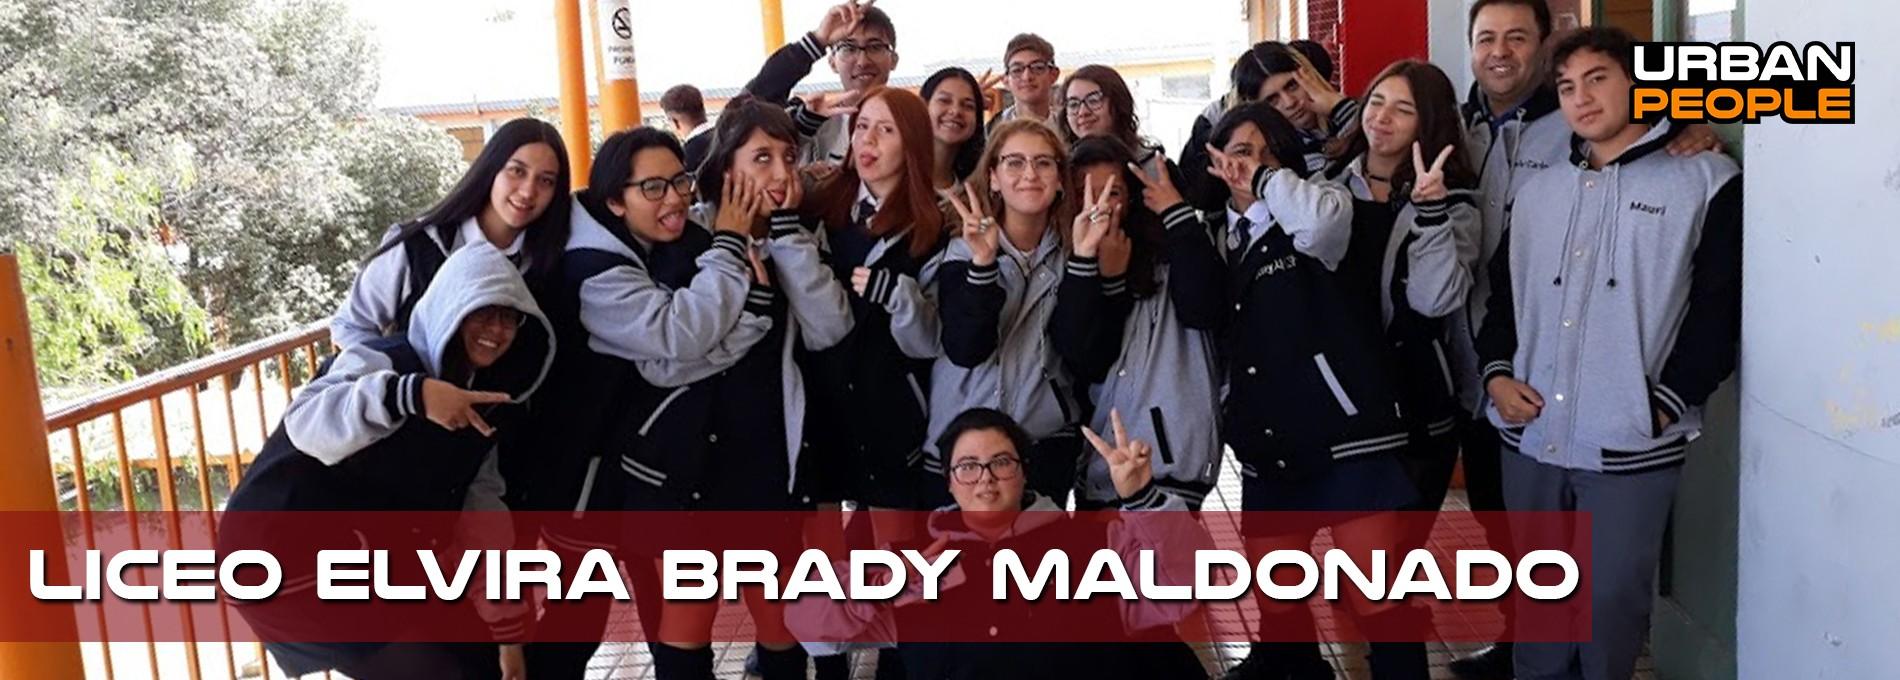 Elvira Brady Maldonado